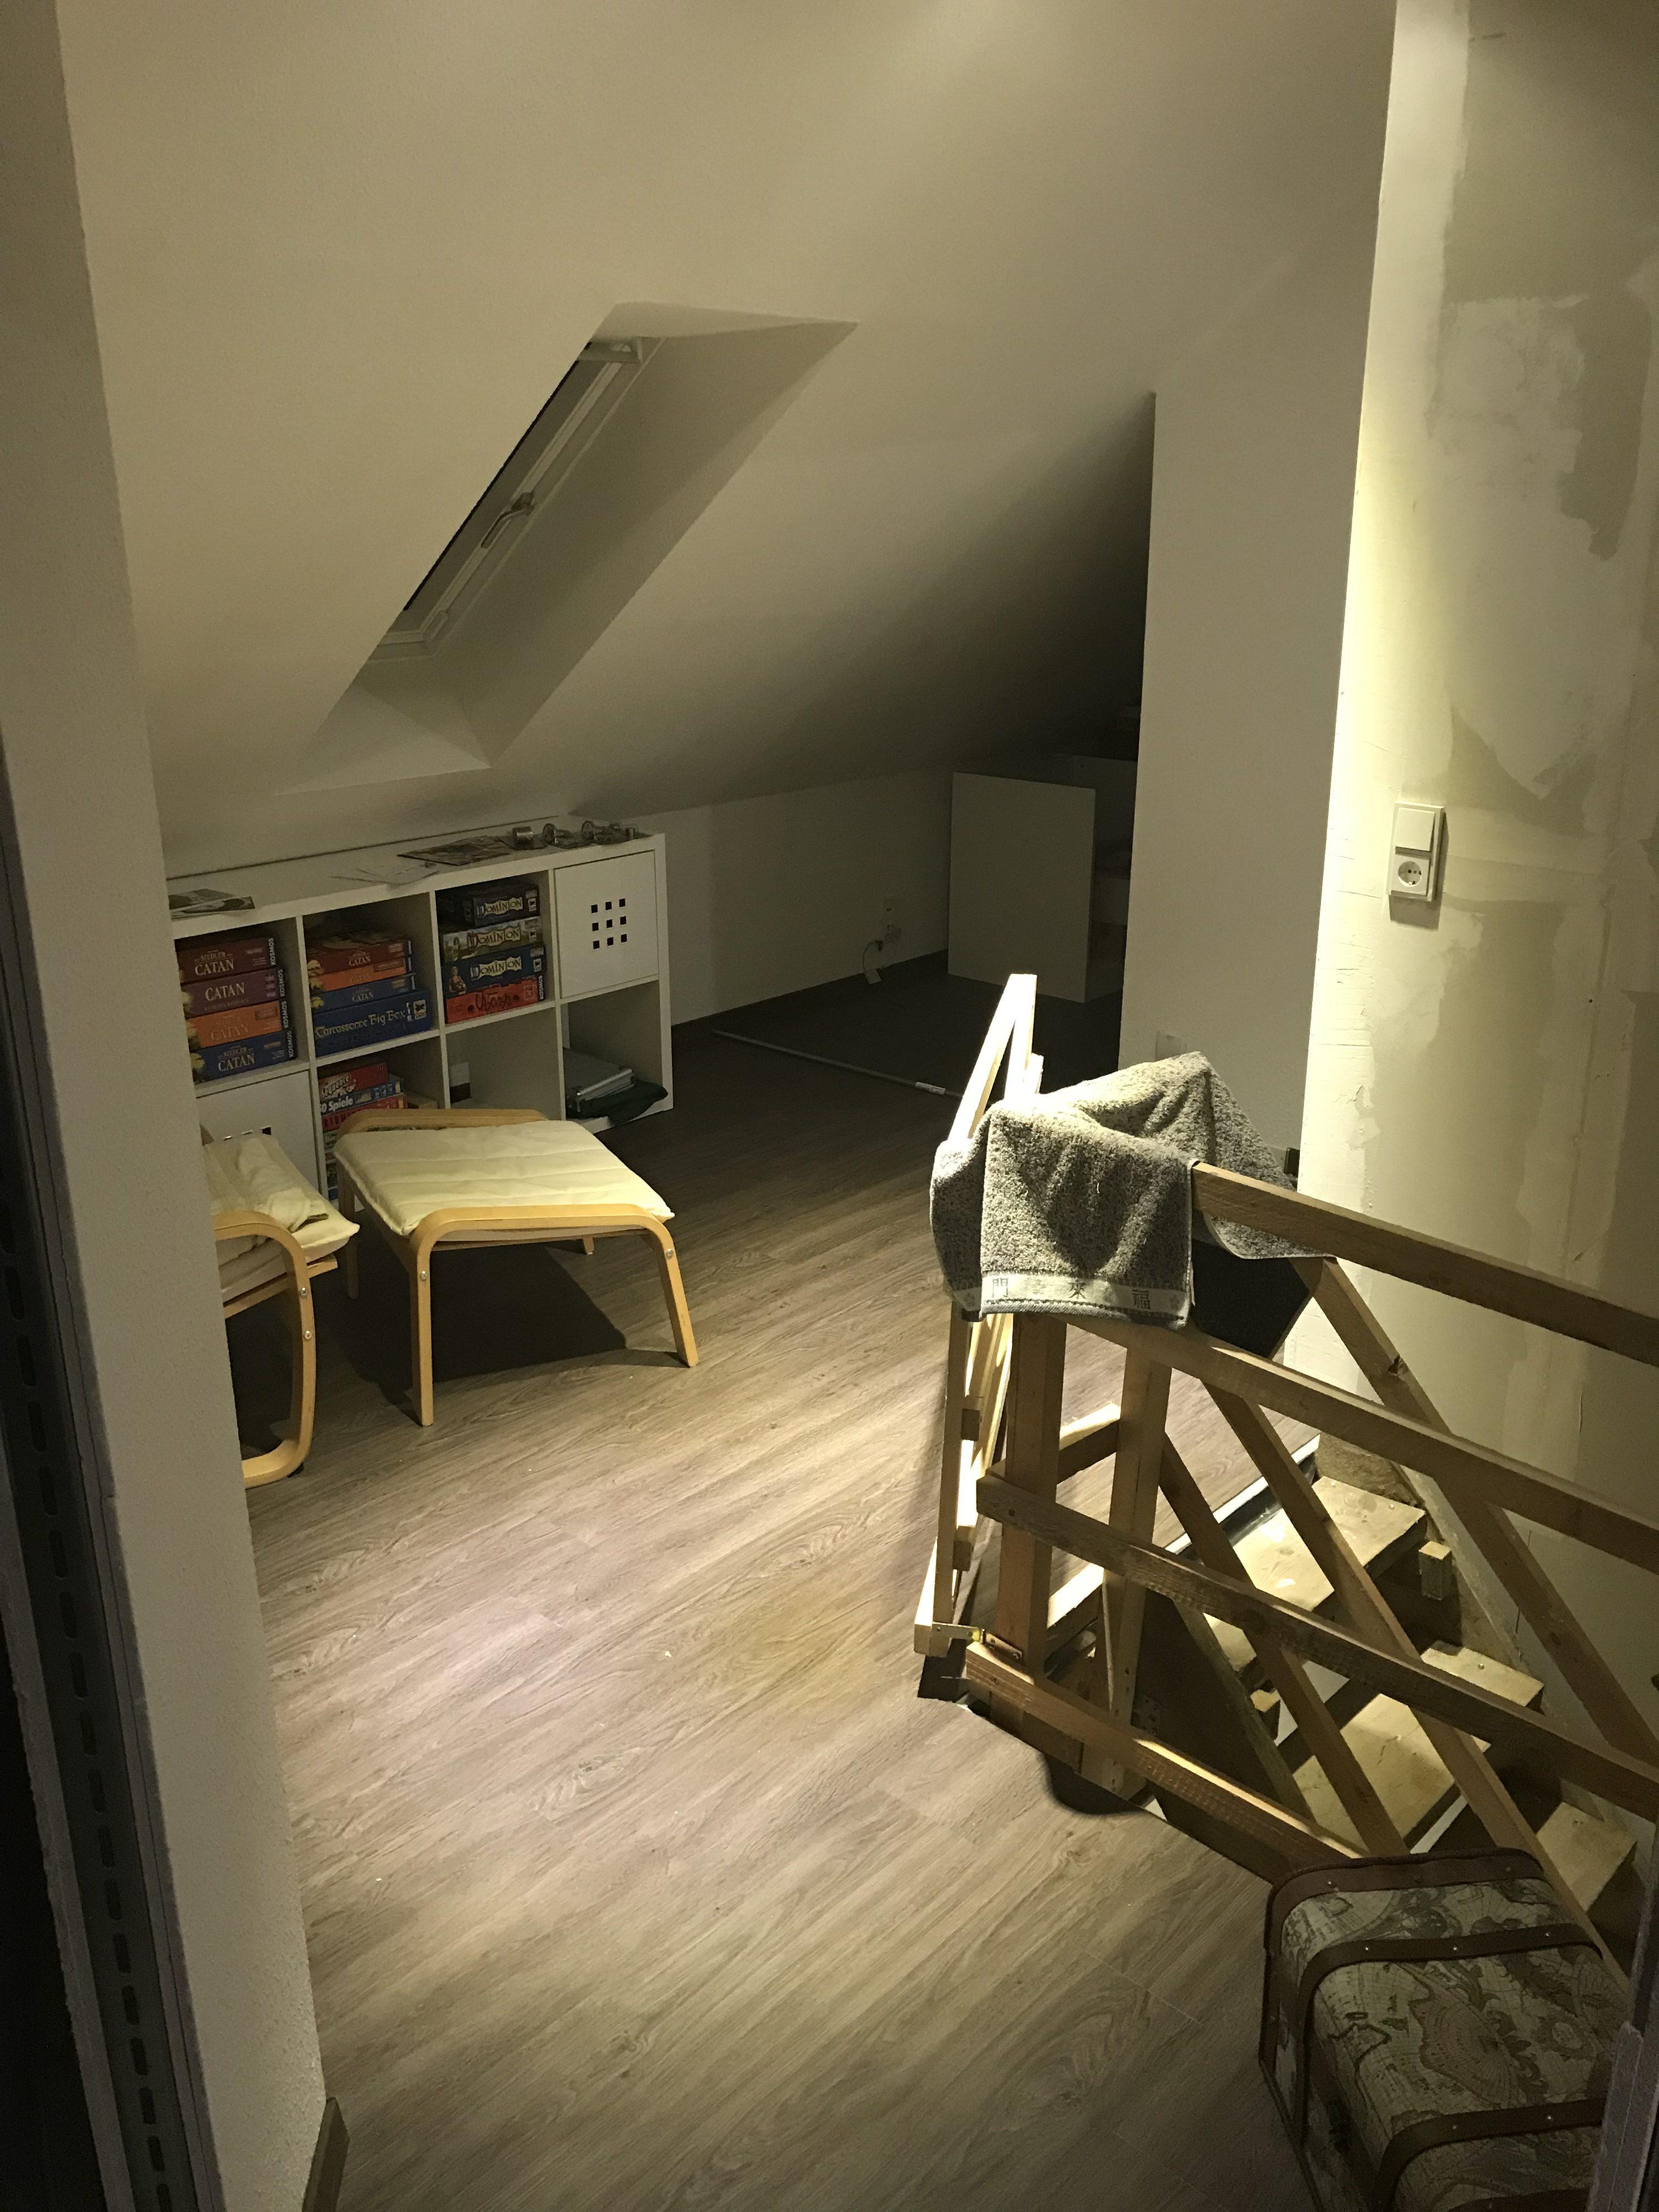 Amüsant Dachboden Ausbauen Treppe Referenz Von Die Zimmertüren Kommen Innerhalb Der Nächsten Tage,